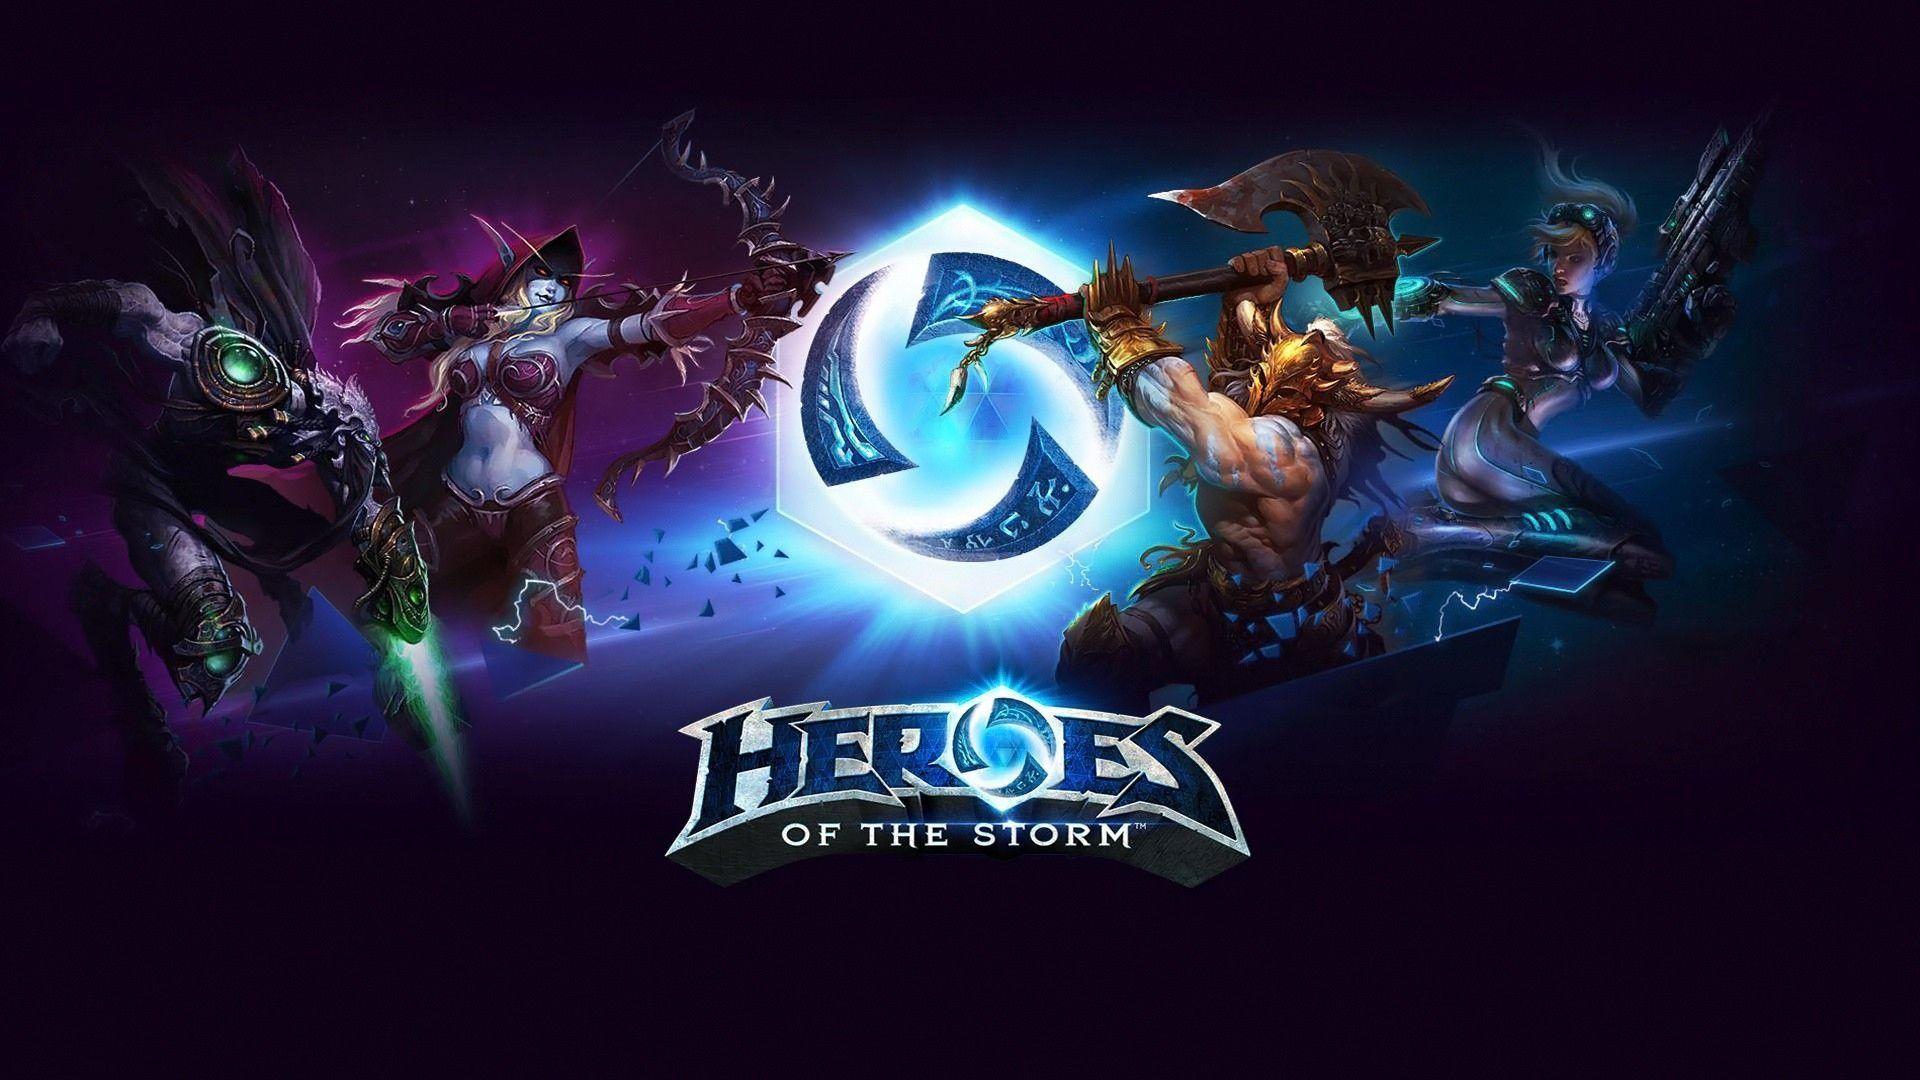 مميزات أندوين المعالج الجديد في لعبة Heroes Of The Storm Storm